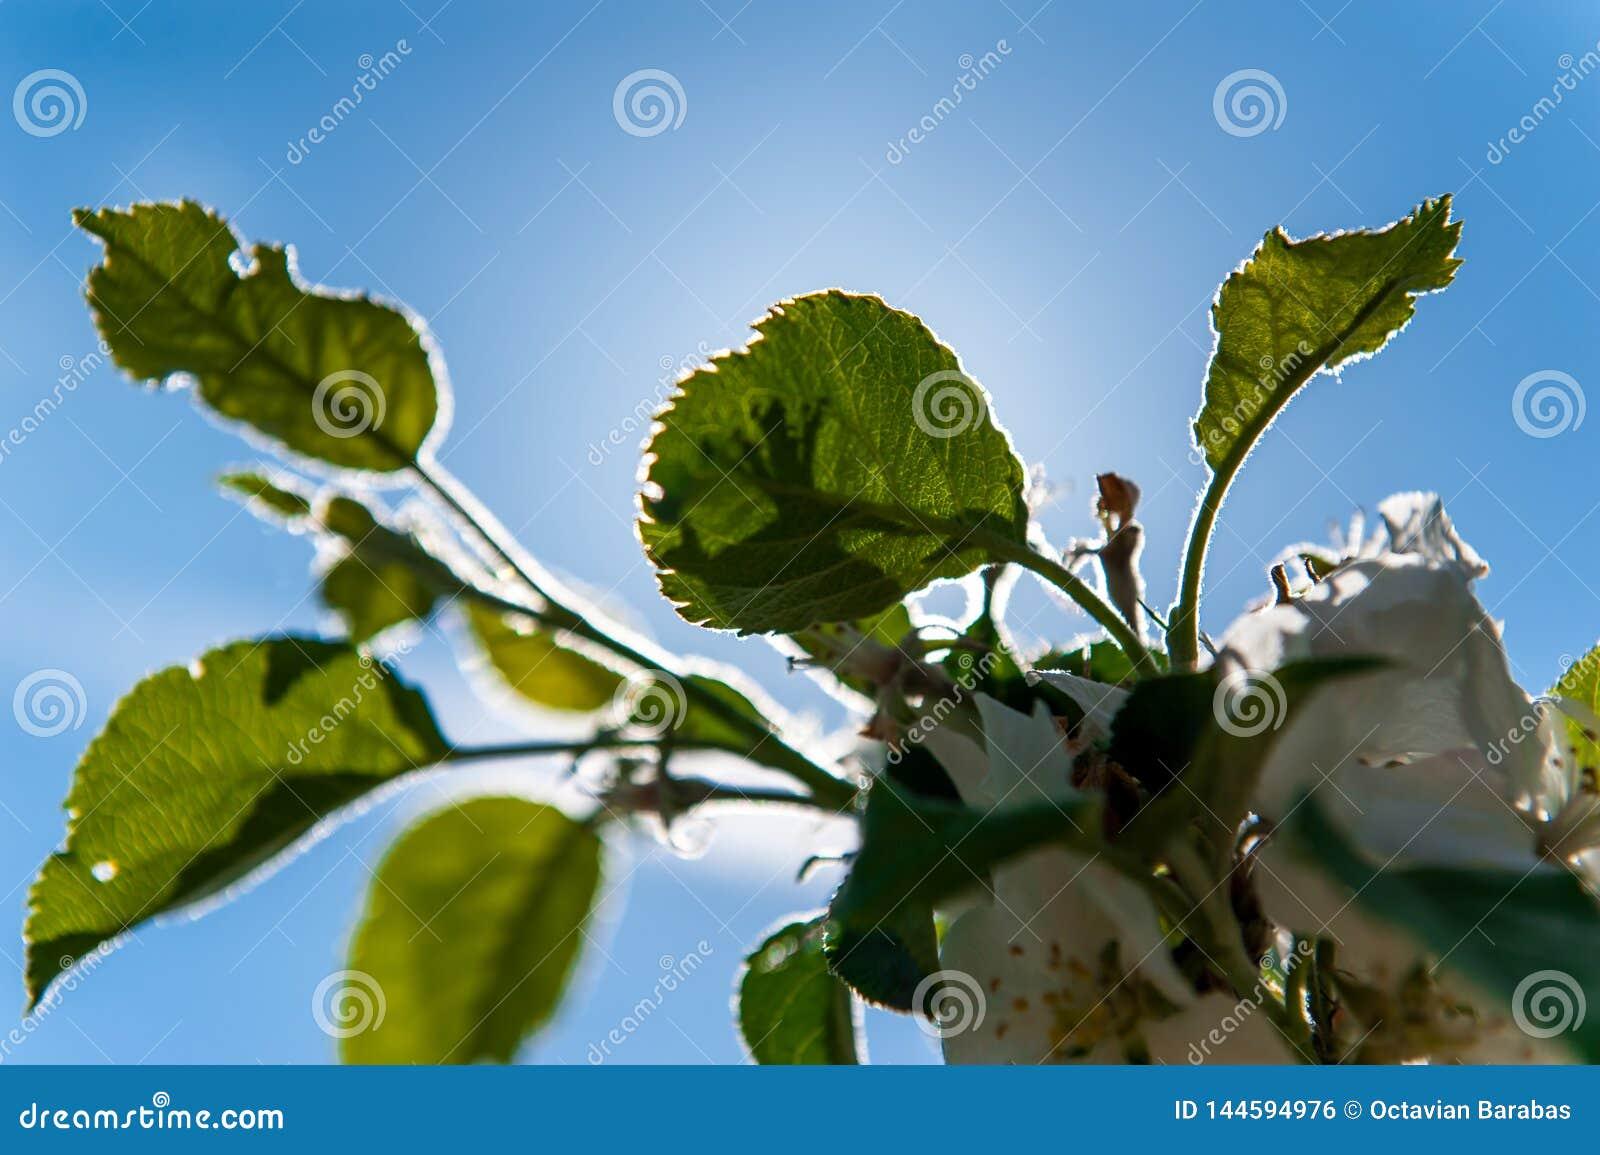 Grüne Baumblätter und blauer Himmel mit Rücklicht